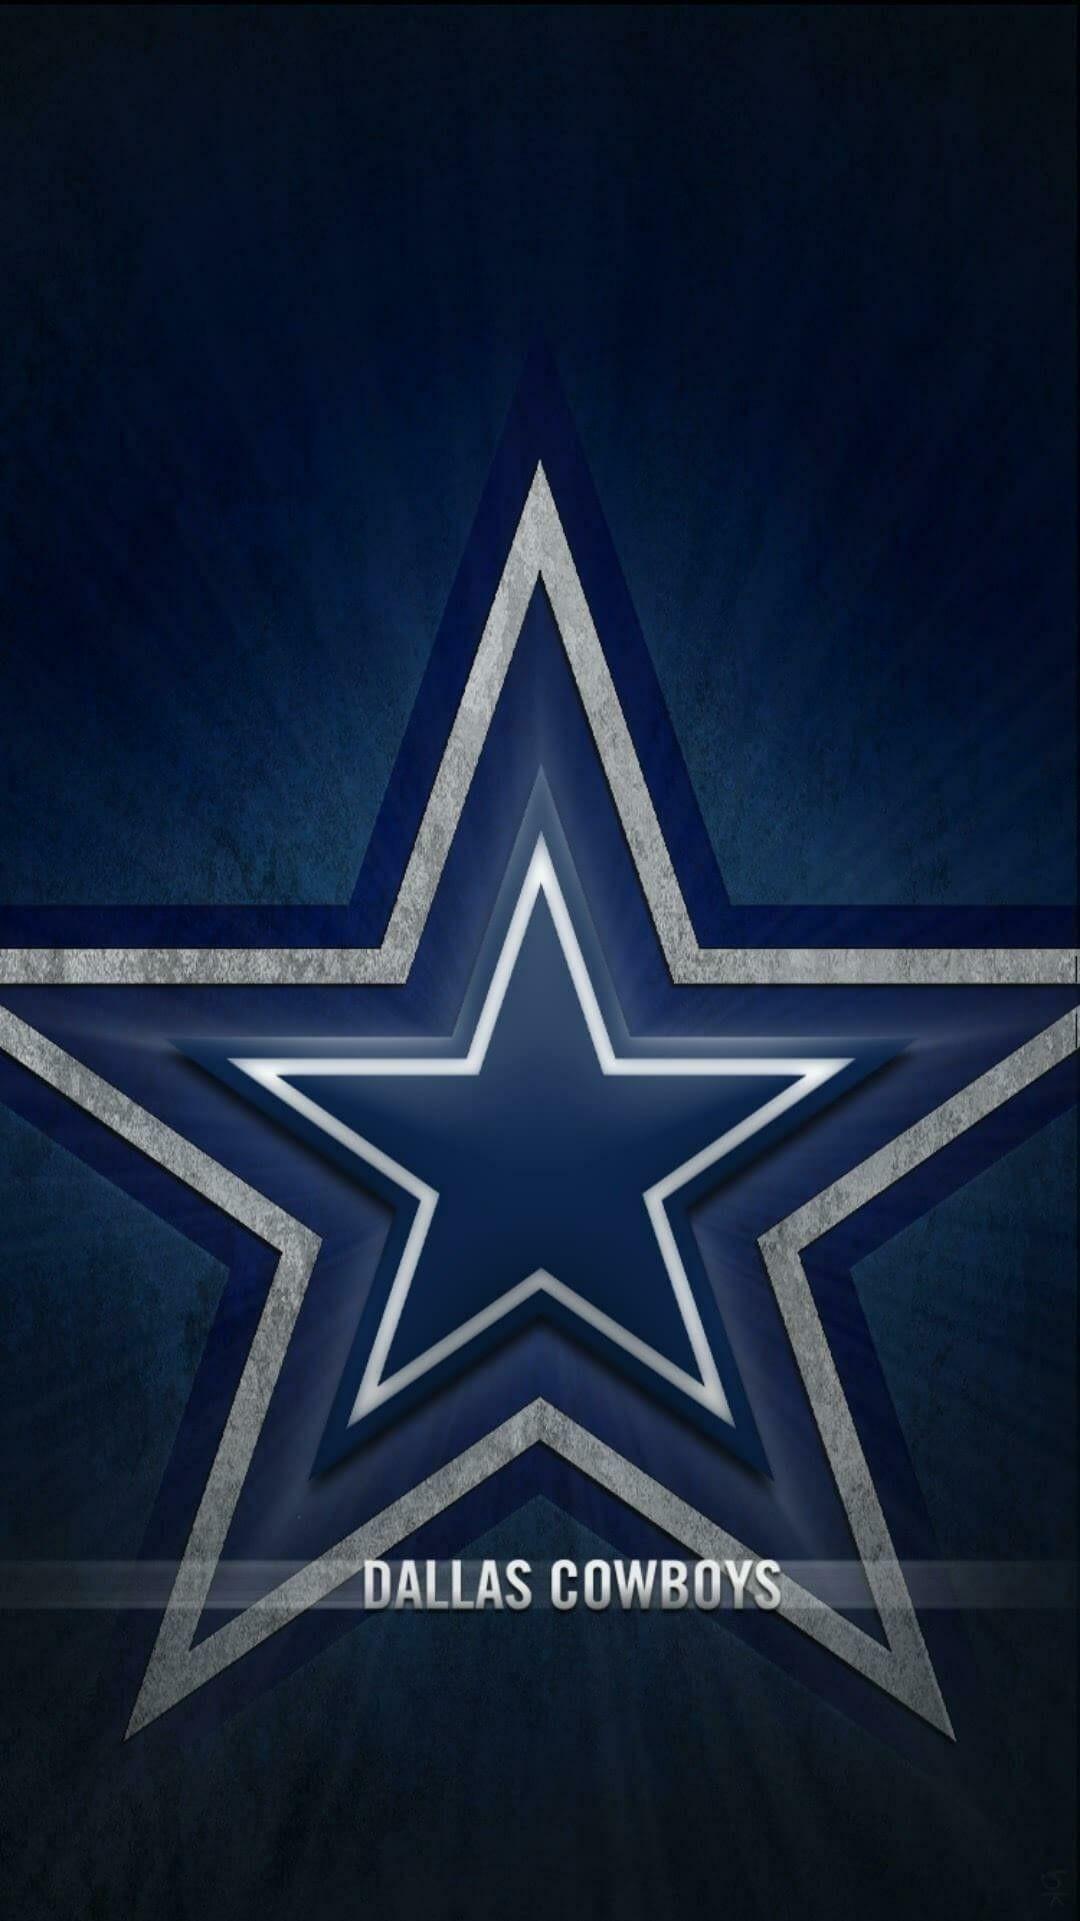 Dallas Cowboys Logos and Wallpapers